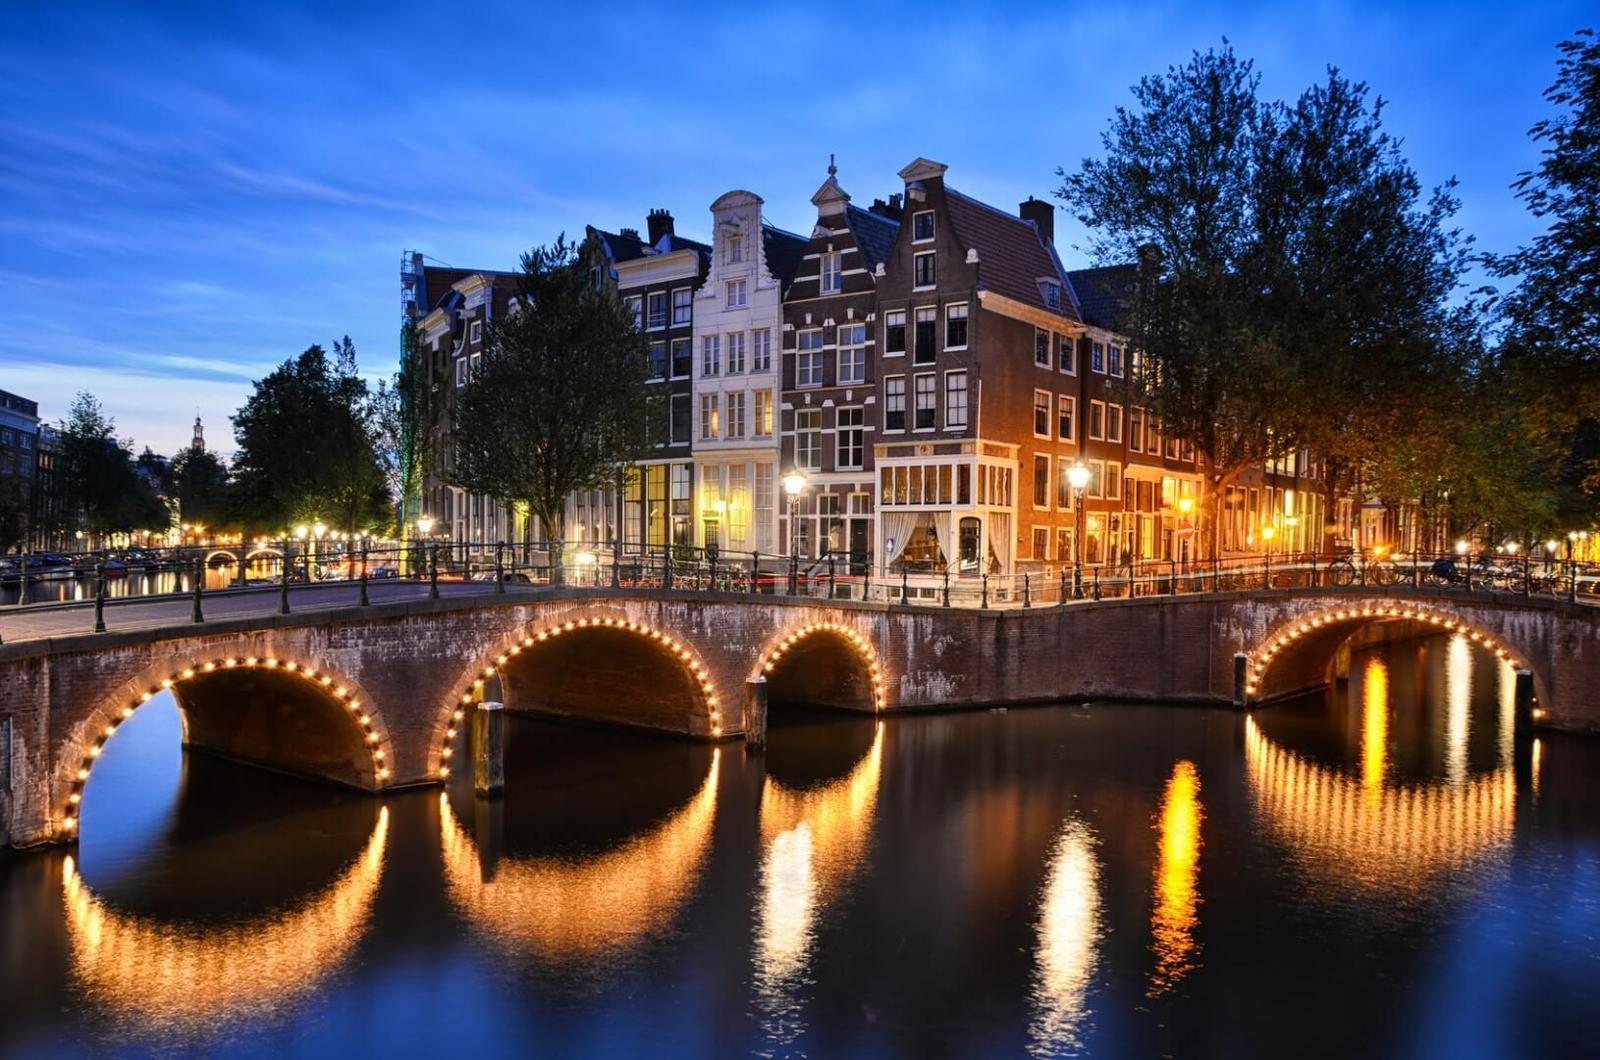 destinos Europeos de moda Amsterdam